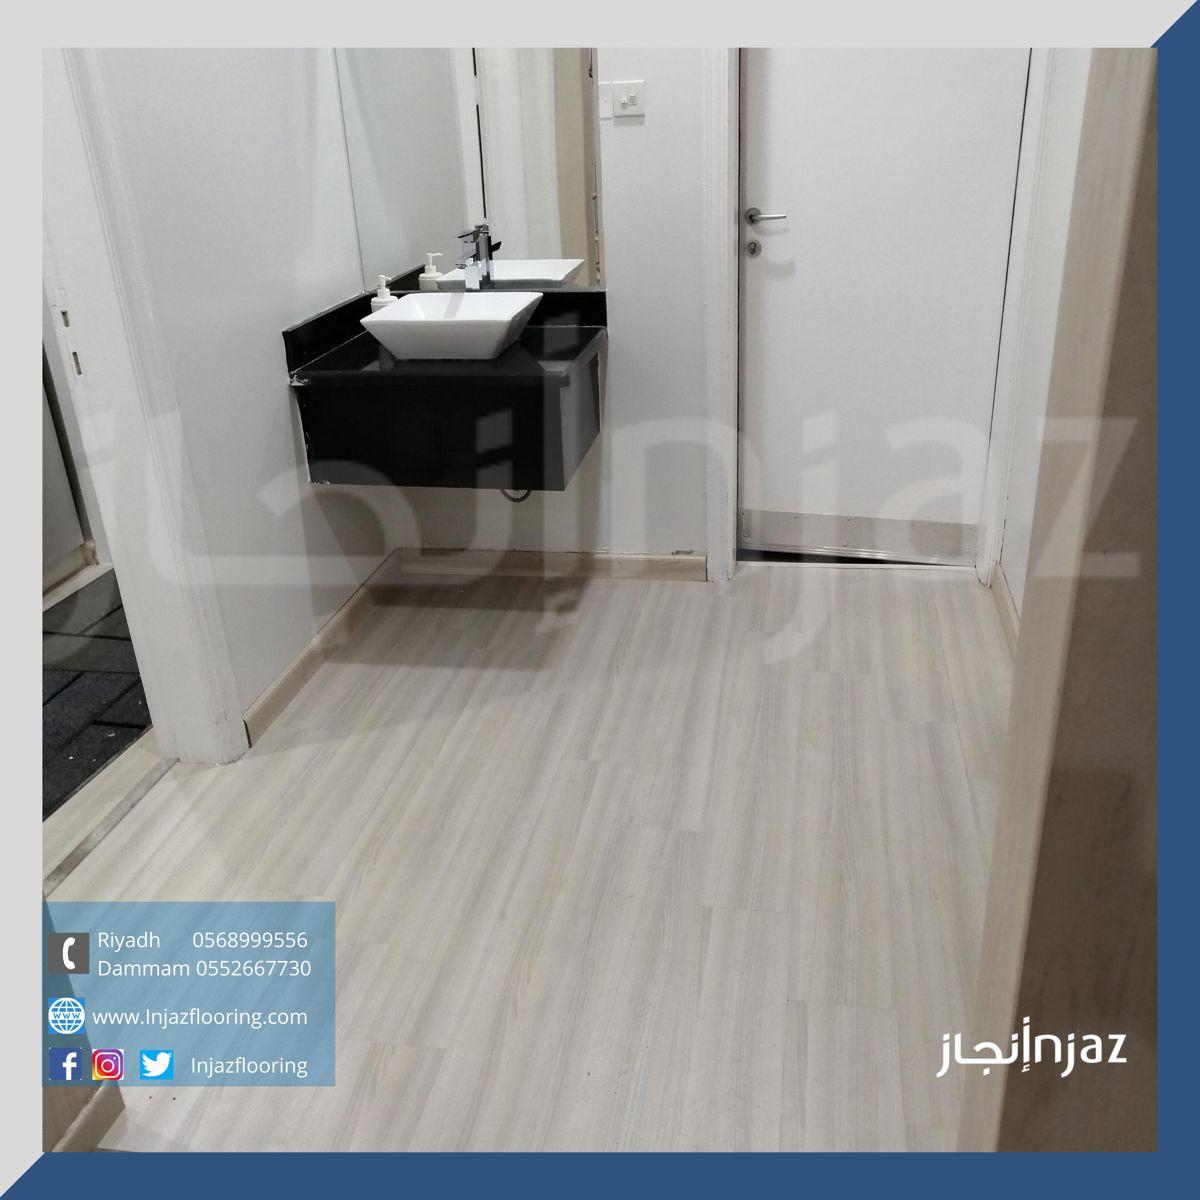 من أعمالنا تركيب باركيه صيني سماكة 8ملم Flooring Home Appliances Home